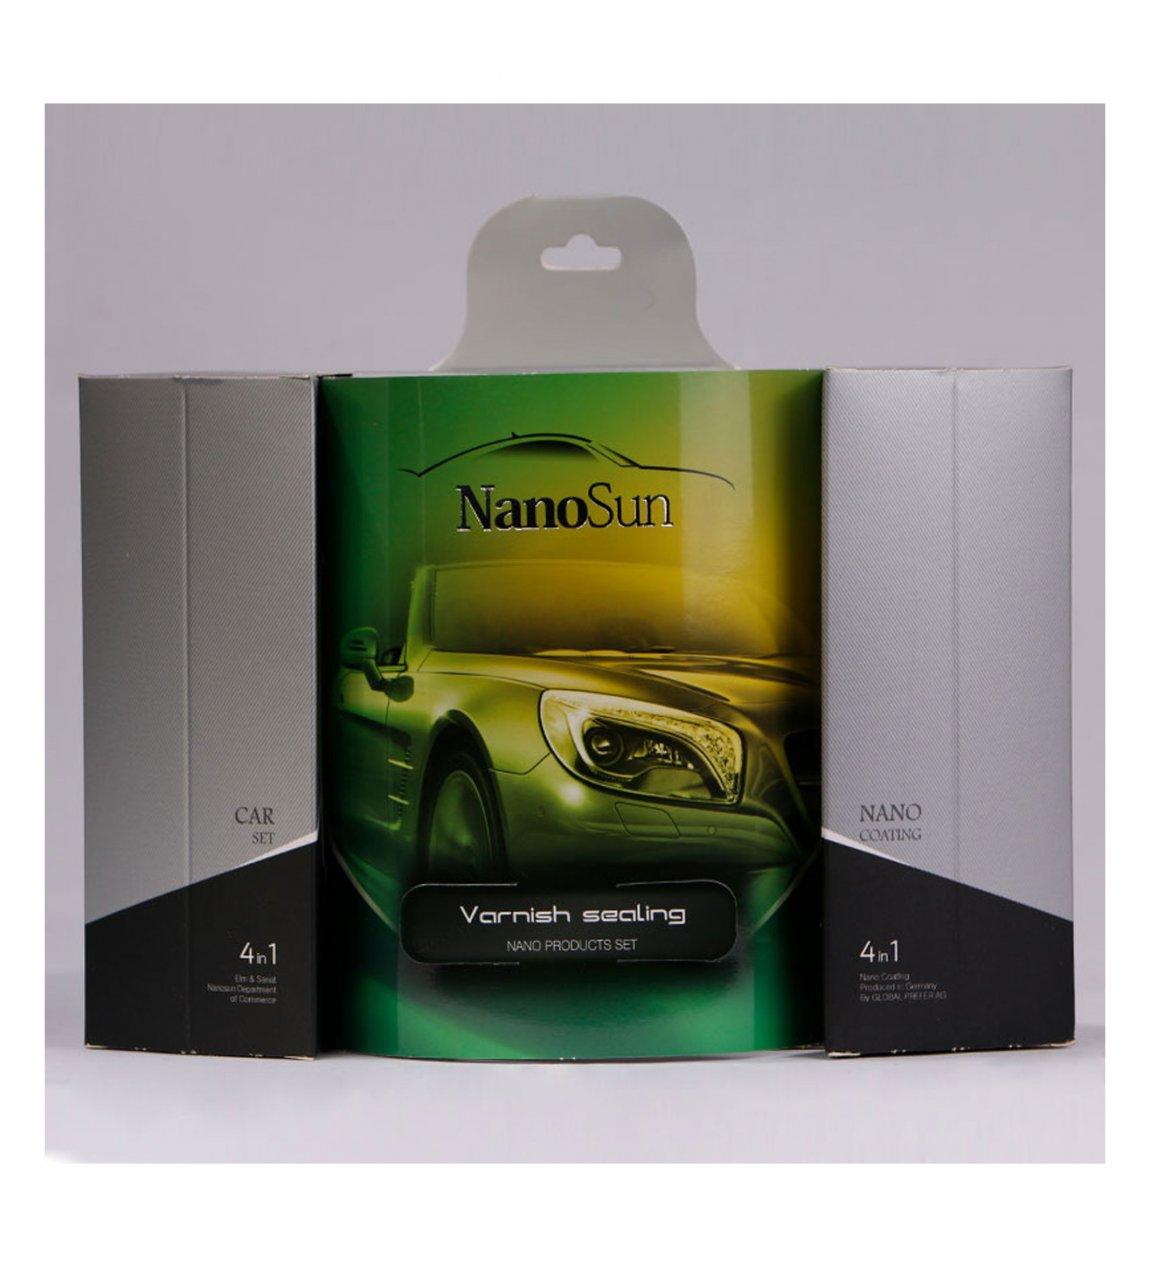 پک محافظ نانو بدنه خودرو NanoSun